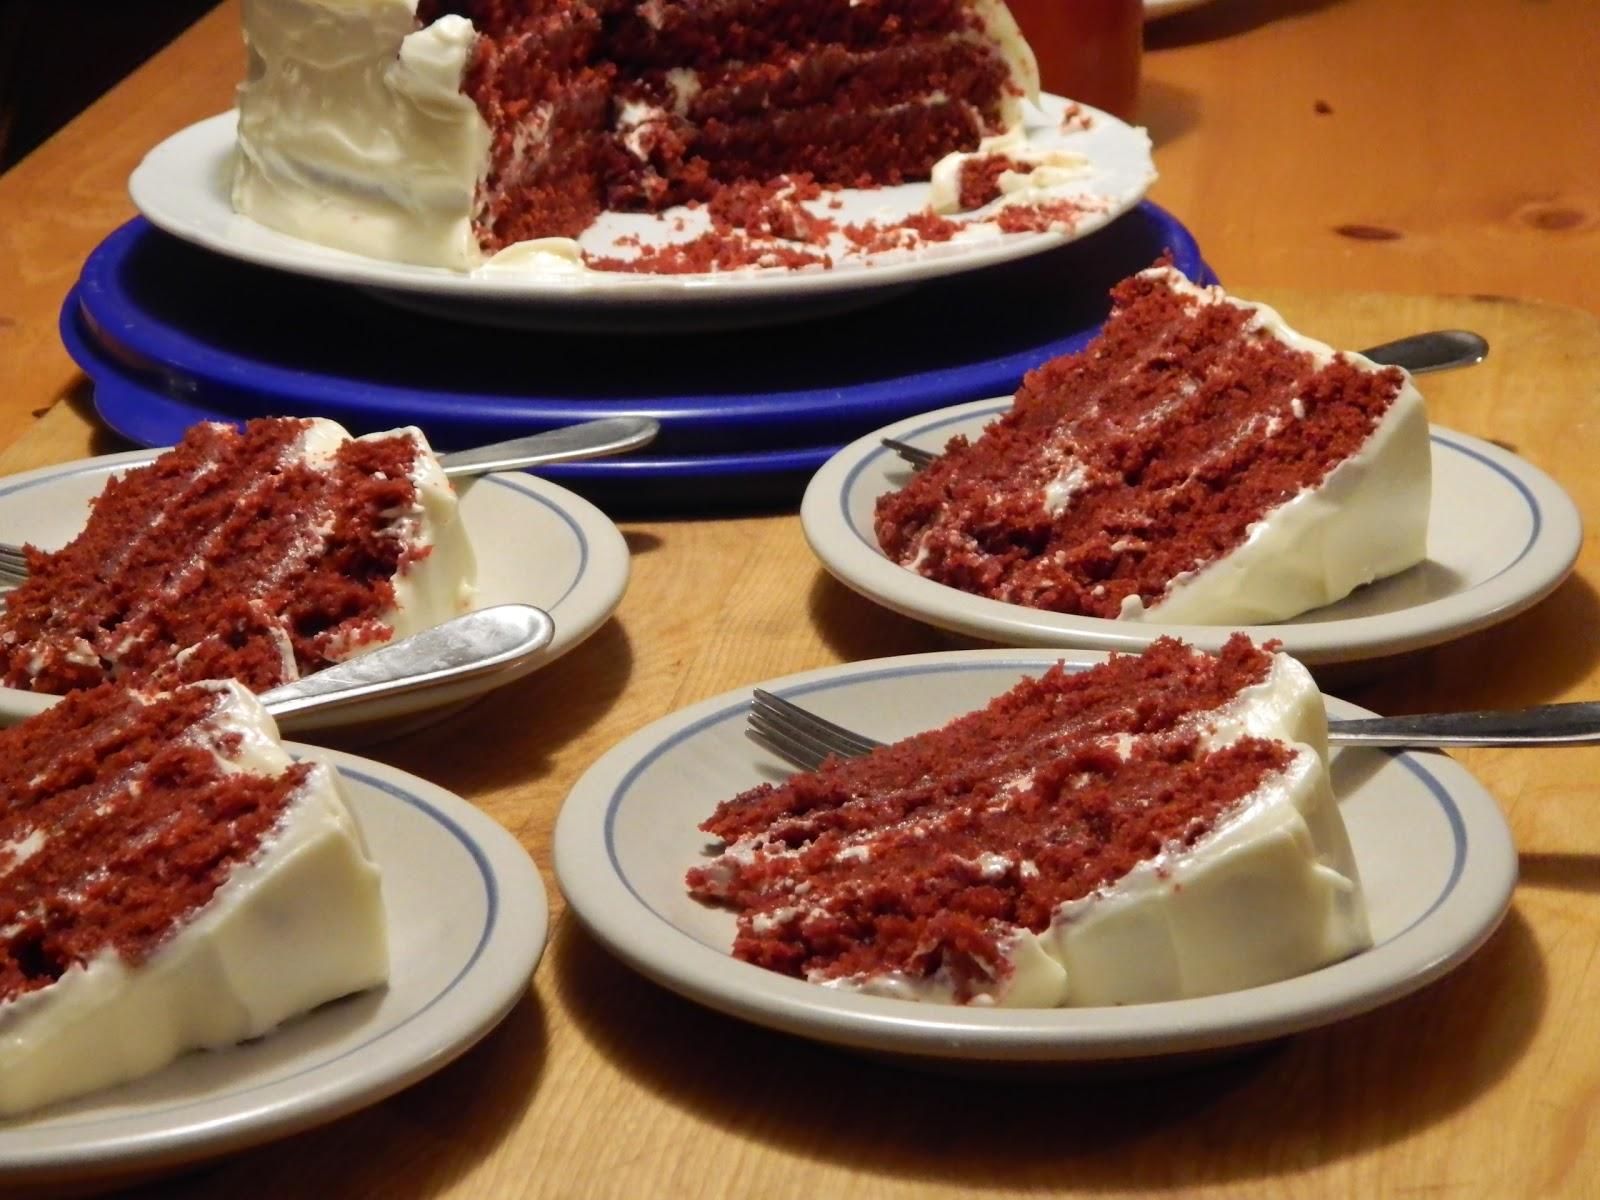 The Wednesday Baker Red Velvet Cake